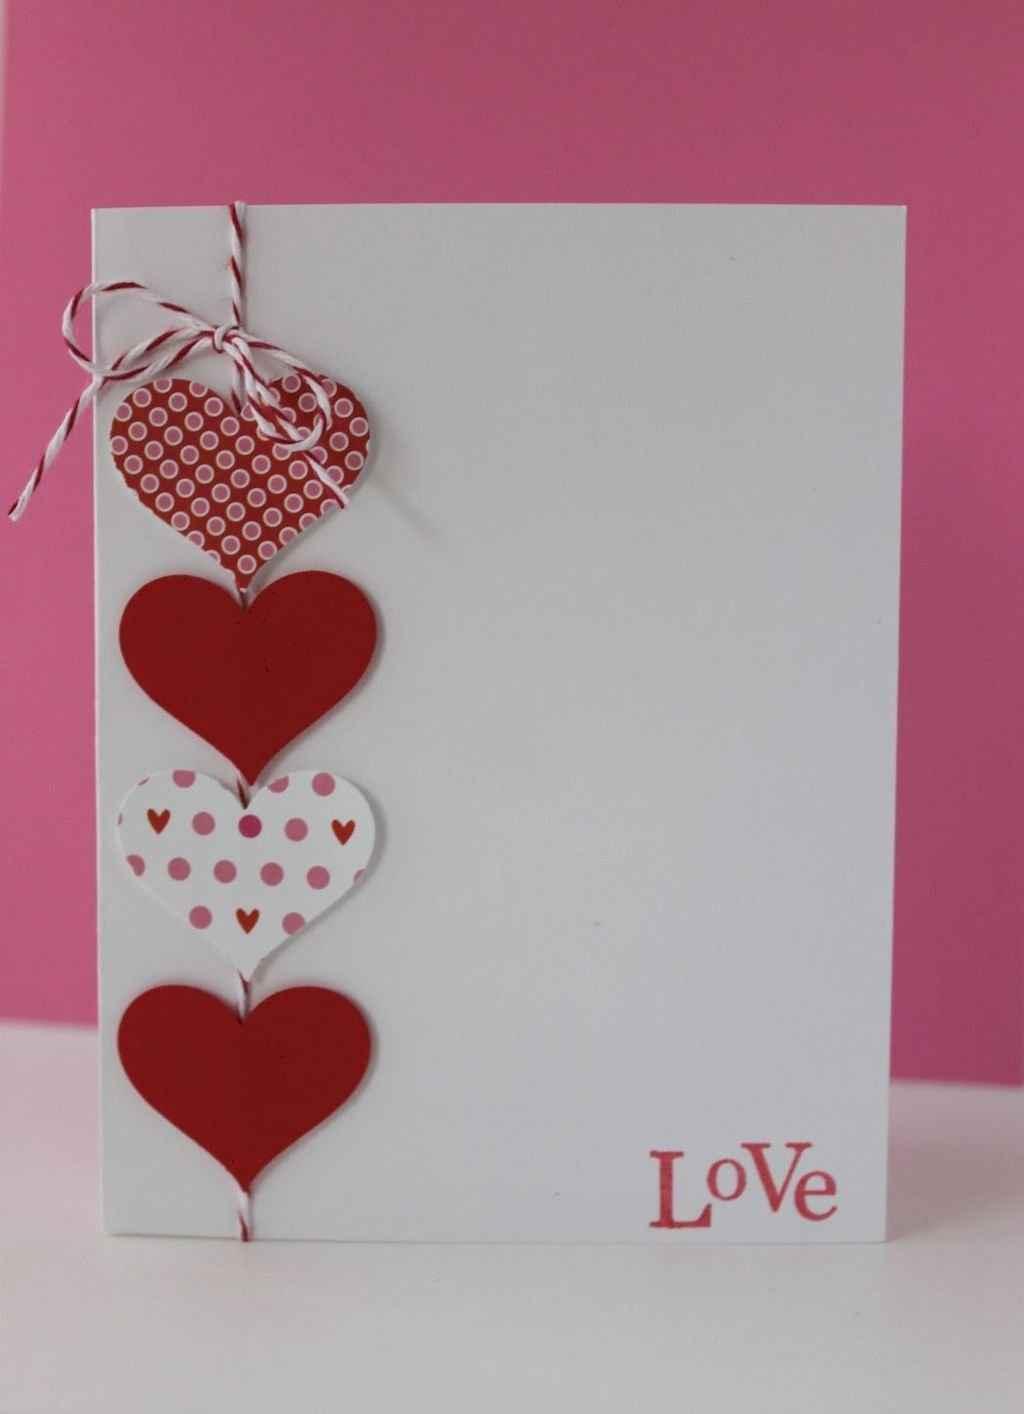 50 Romantic Valentines Cards Design Ideas (26)